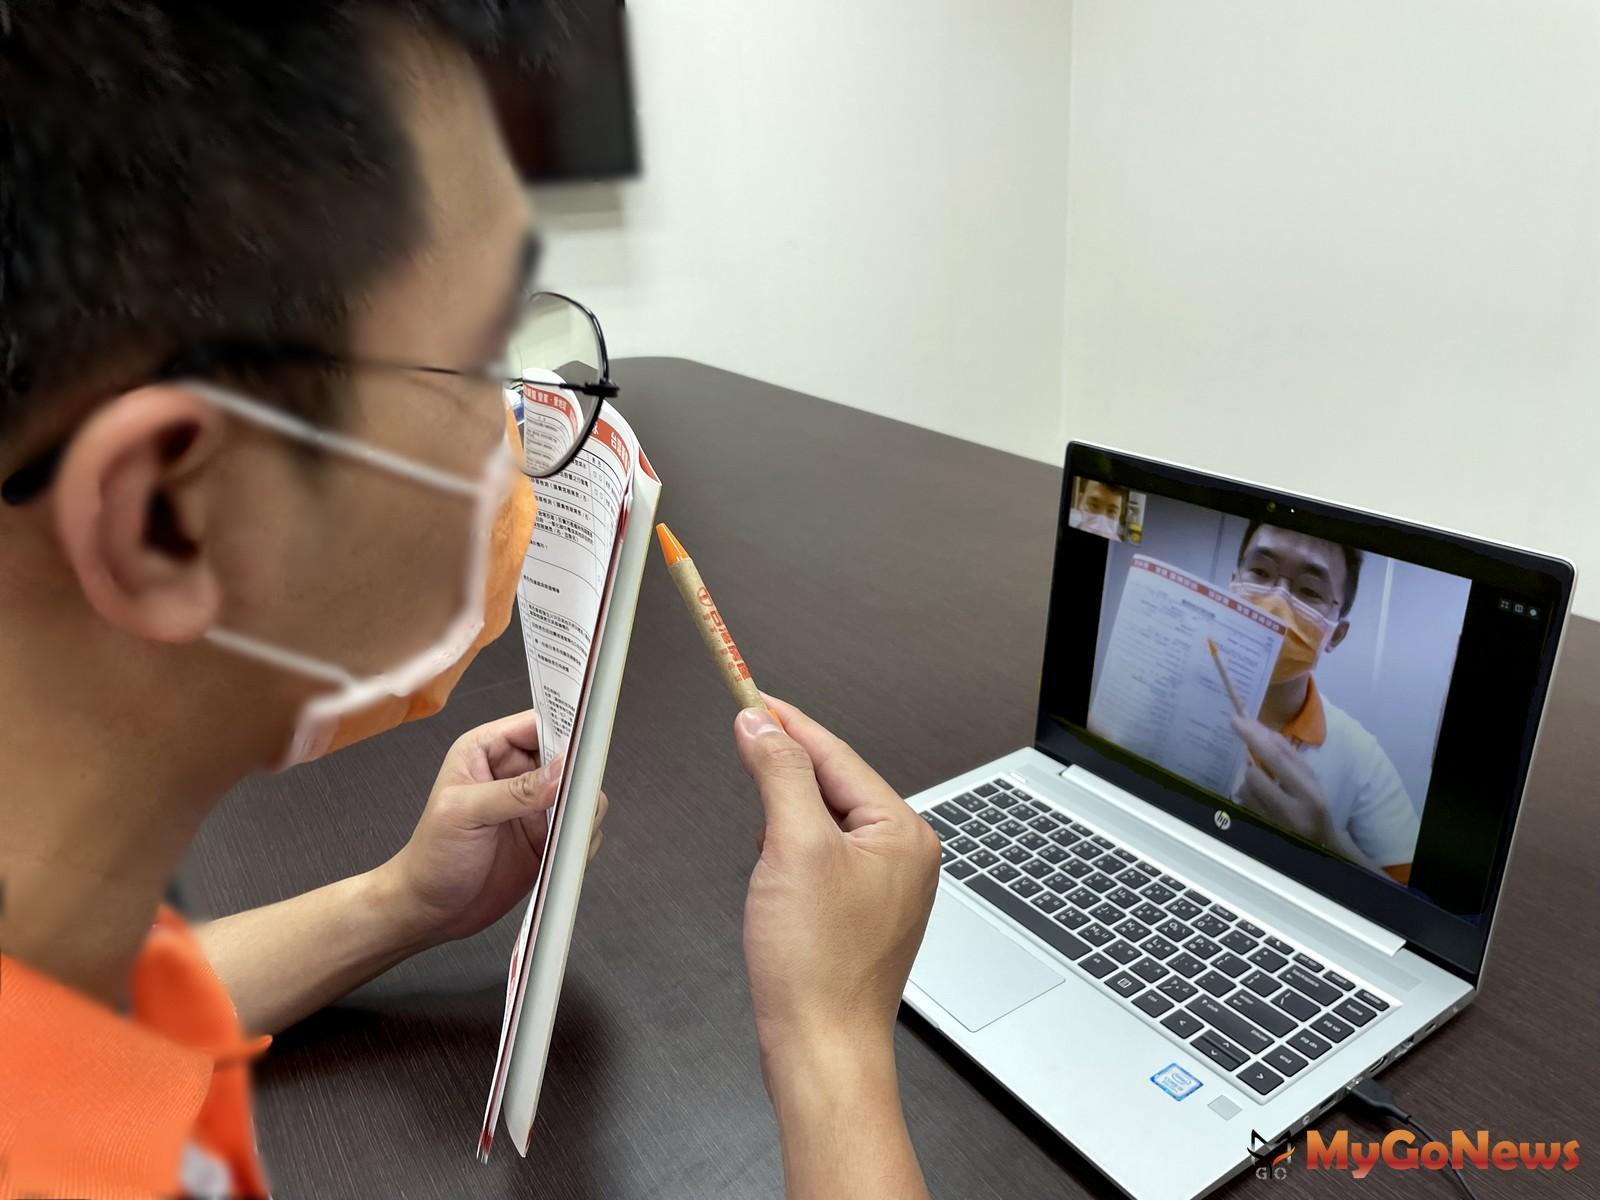 台灣房屋業務們化身為「直播主」,透過視訊解說全程零接觸,就能完成物件委託銷售程序(圖/台灣房屋) MyGoNews房地產新聞 市場快訊